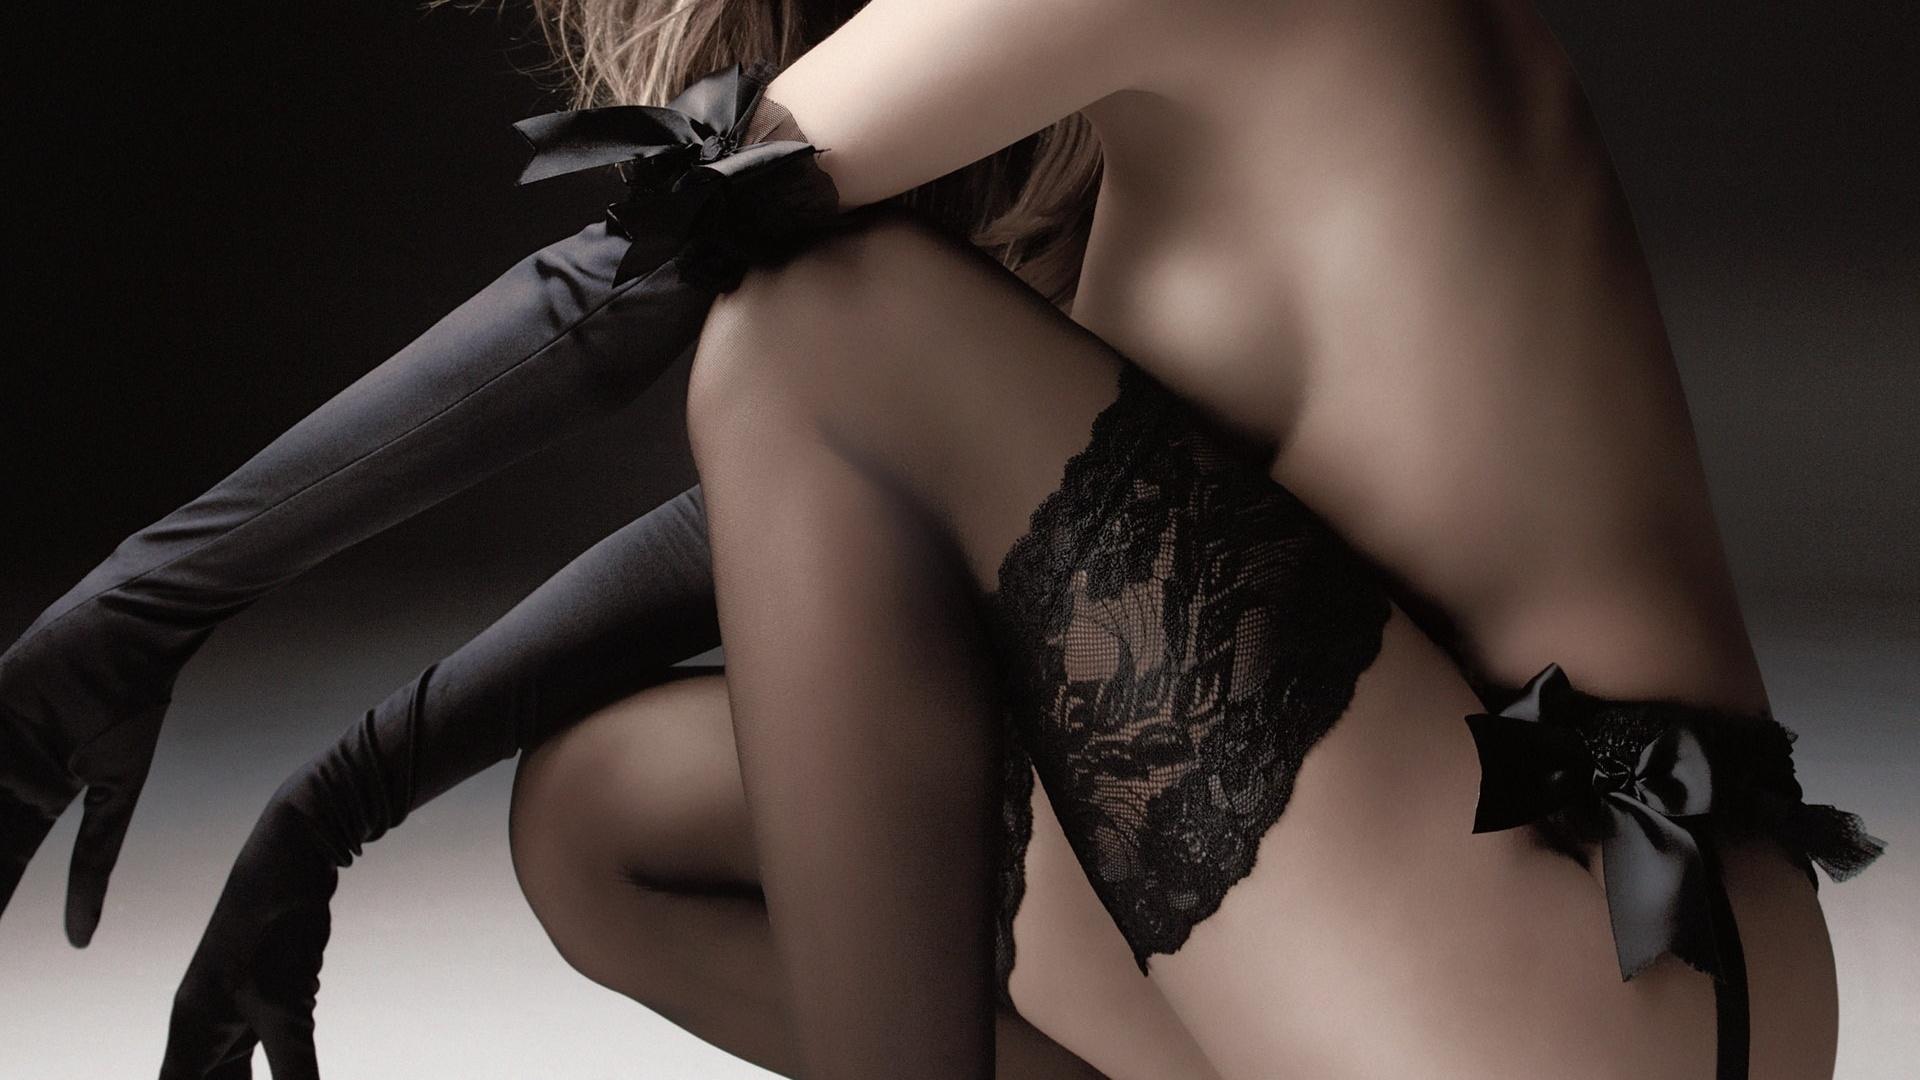 Эротика женщины в чёрном 13 фотография